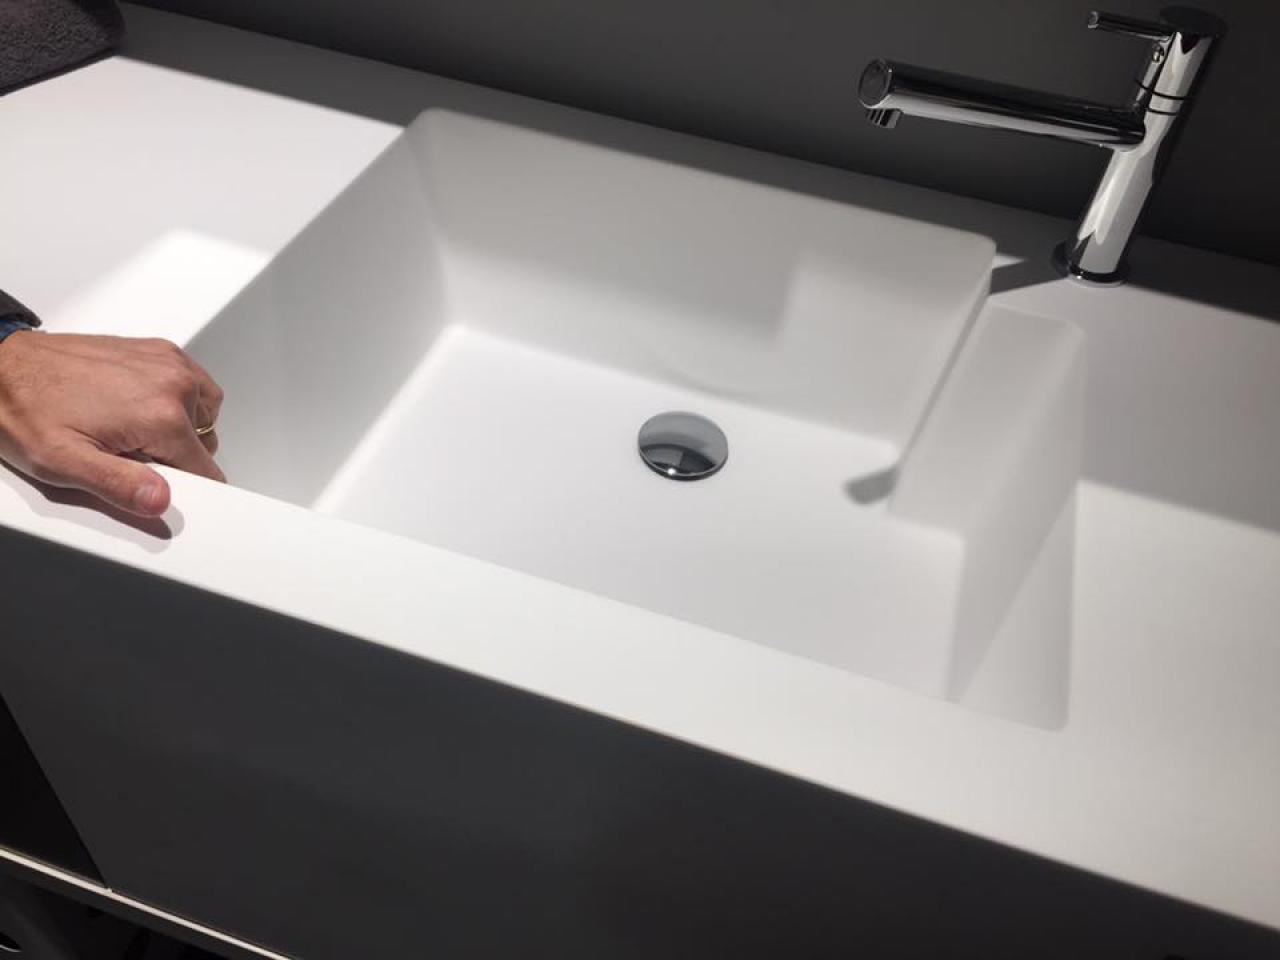 Lavatoio Per Bagno Lavanderia bagno lavanderia moderno   fratelli pellizzari